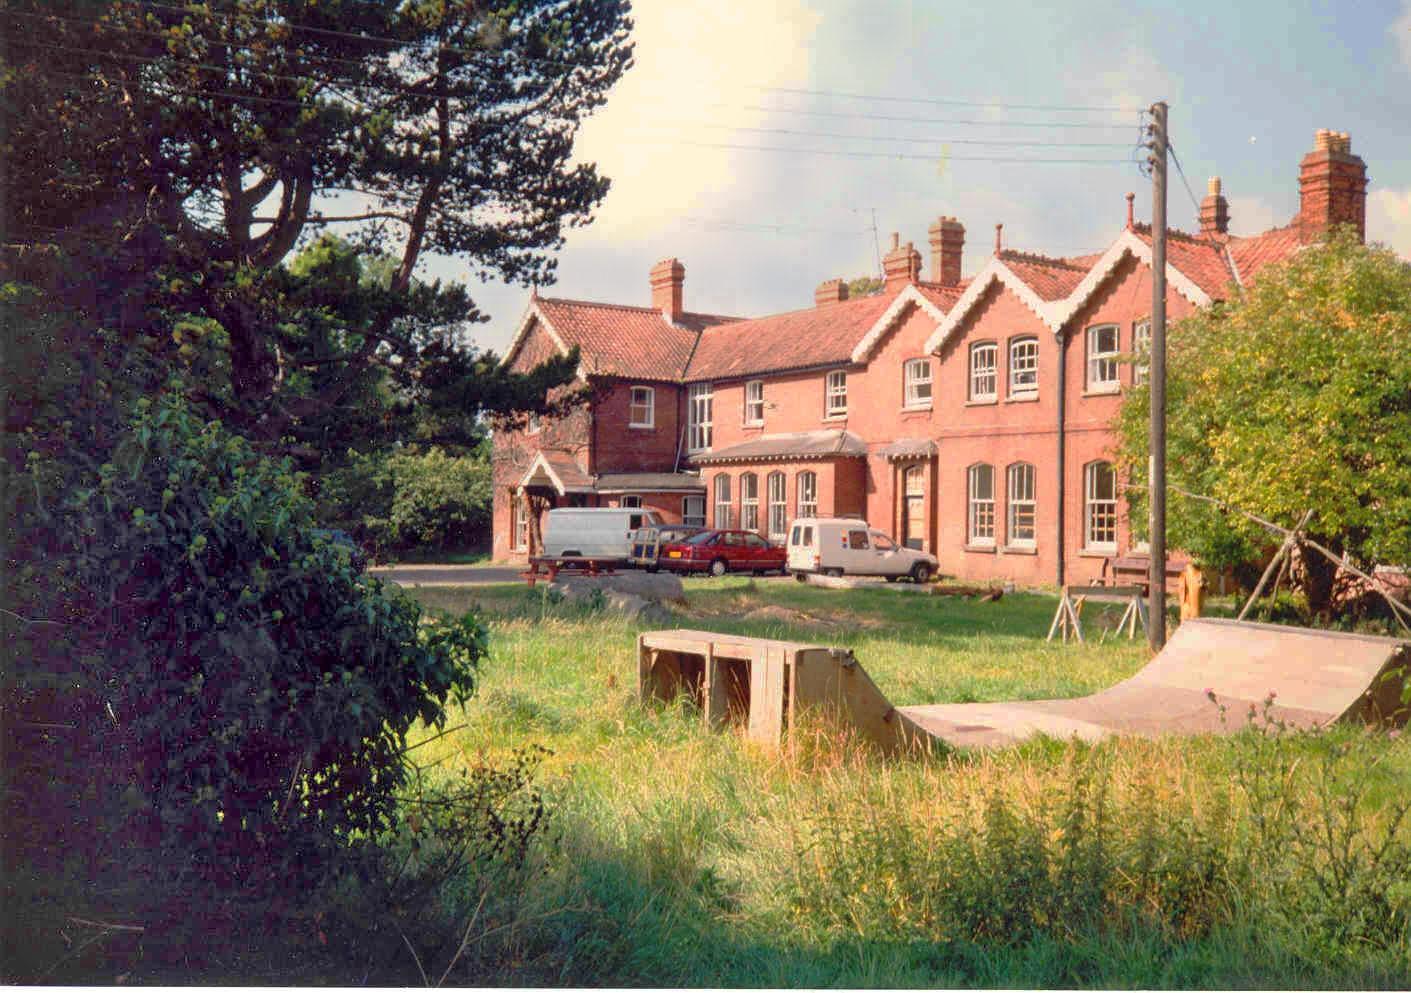 Summerhill School from Wikipedia